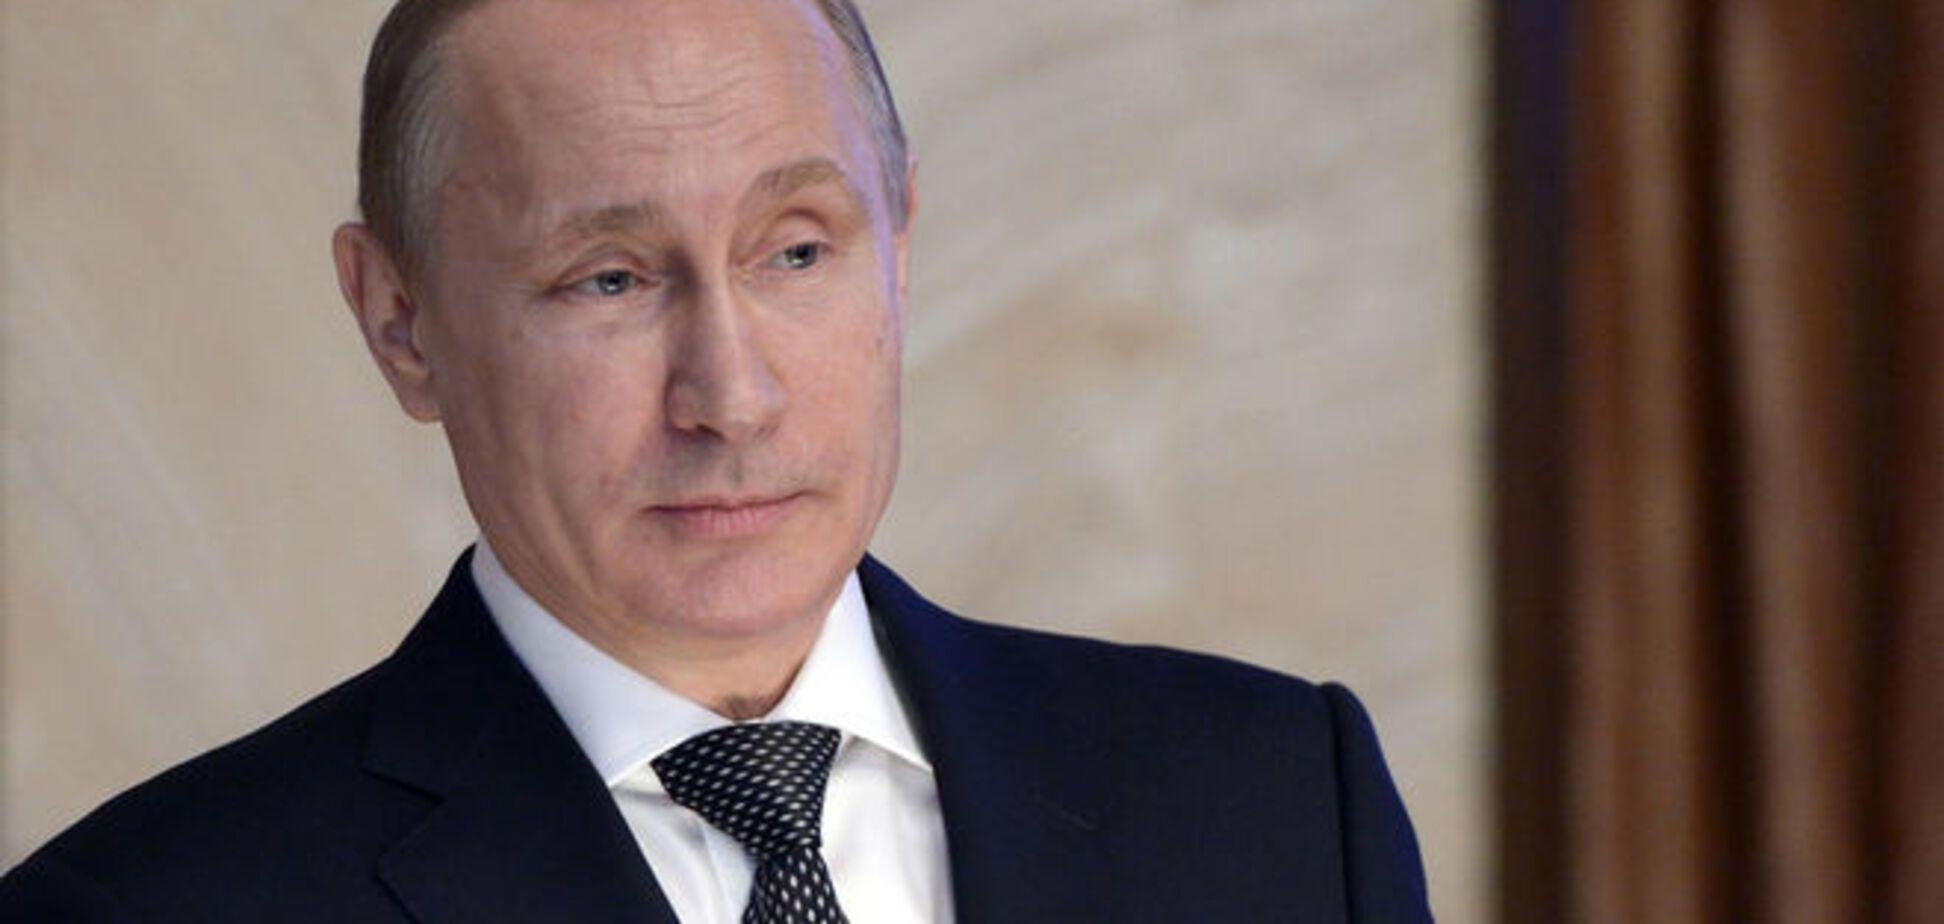 Кошелёк или Путин